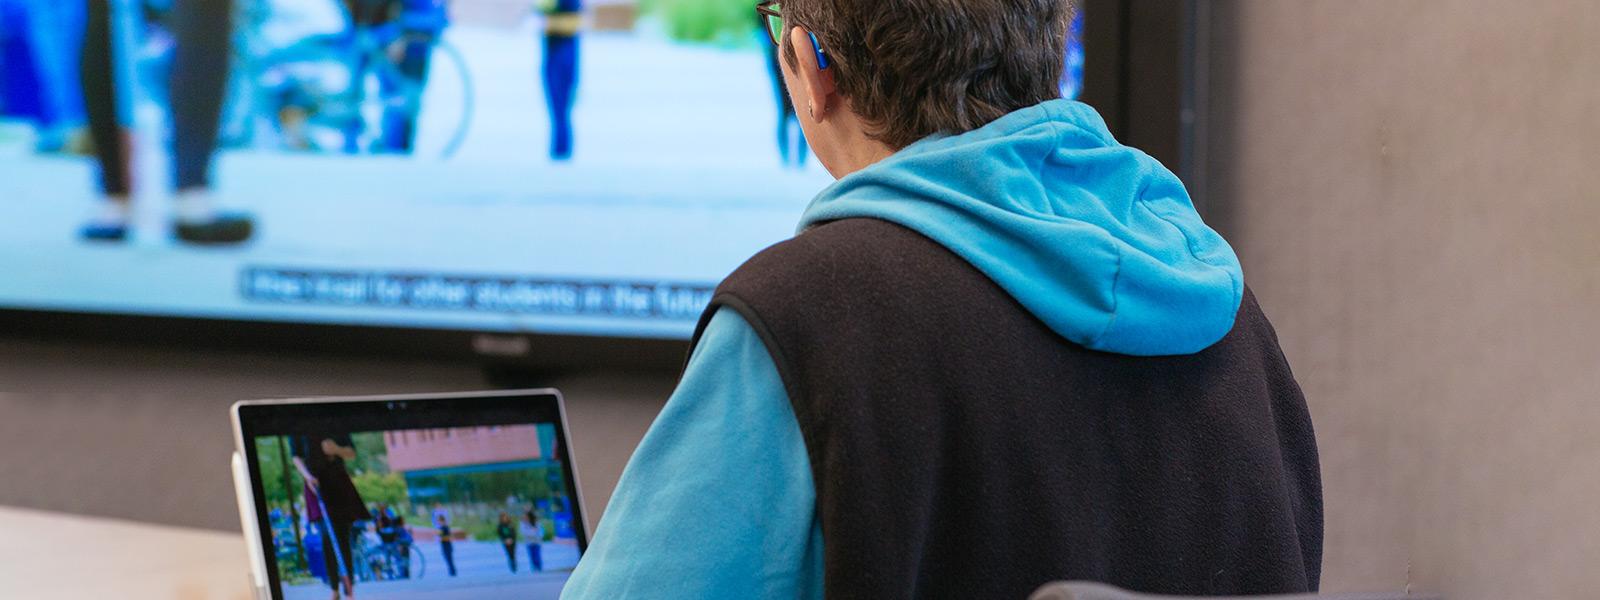 Een vrouw met een gehoorapparaat bekijkt een videopresentatie met ondertitels